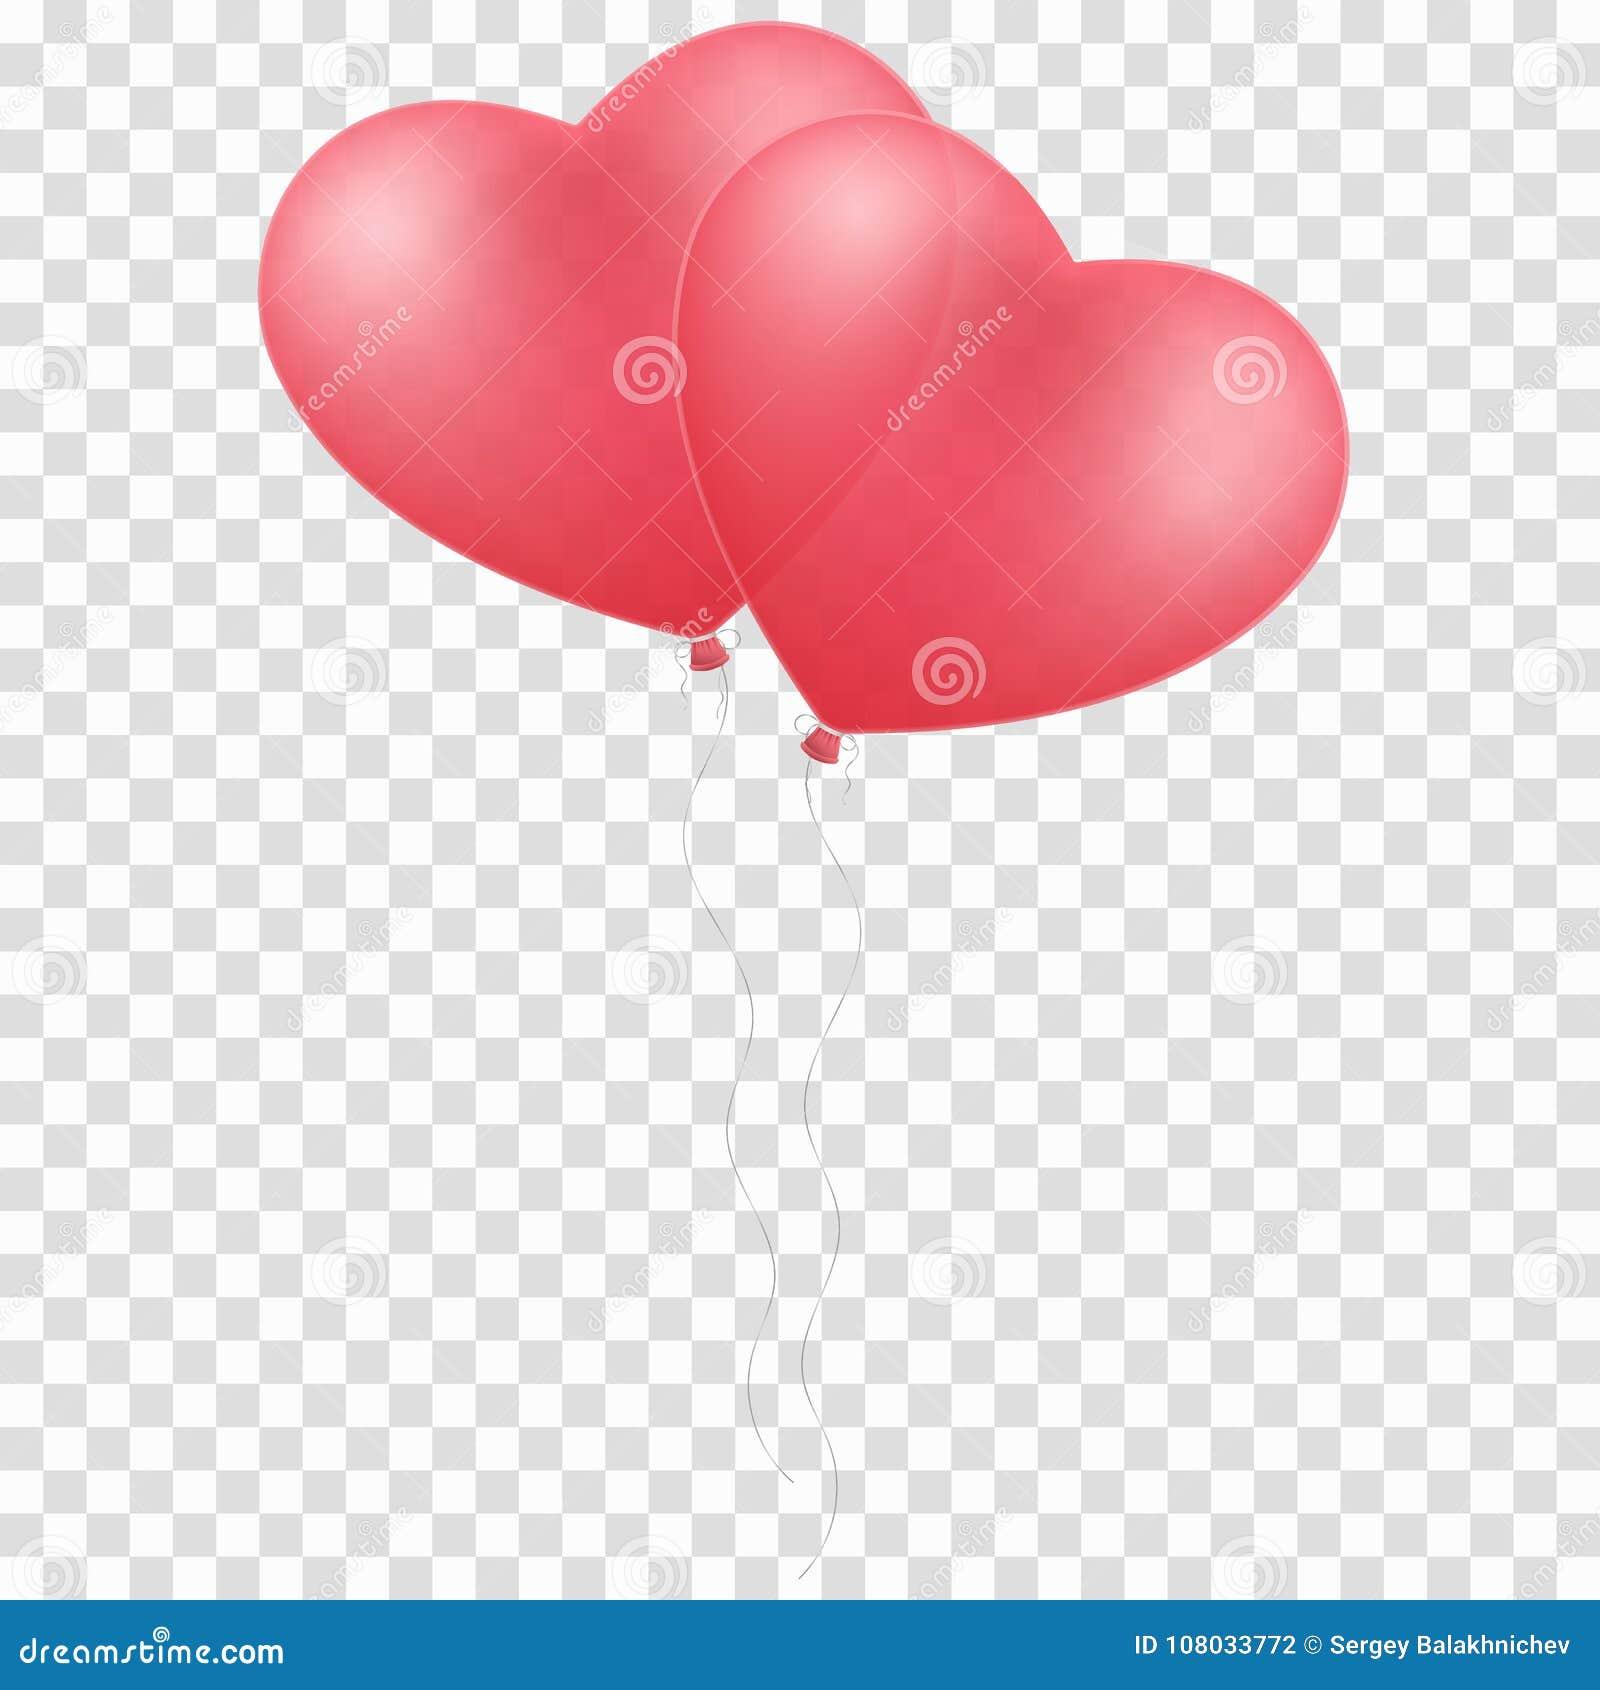 Rosa steigt das Herz im Ballon auf, das auf einem transparenten Hintergrund lokalisiert wird Ballone für die Hochzeit Grafisches